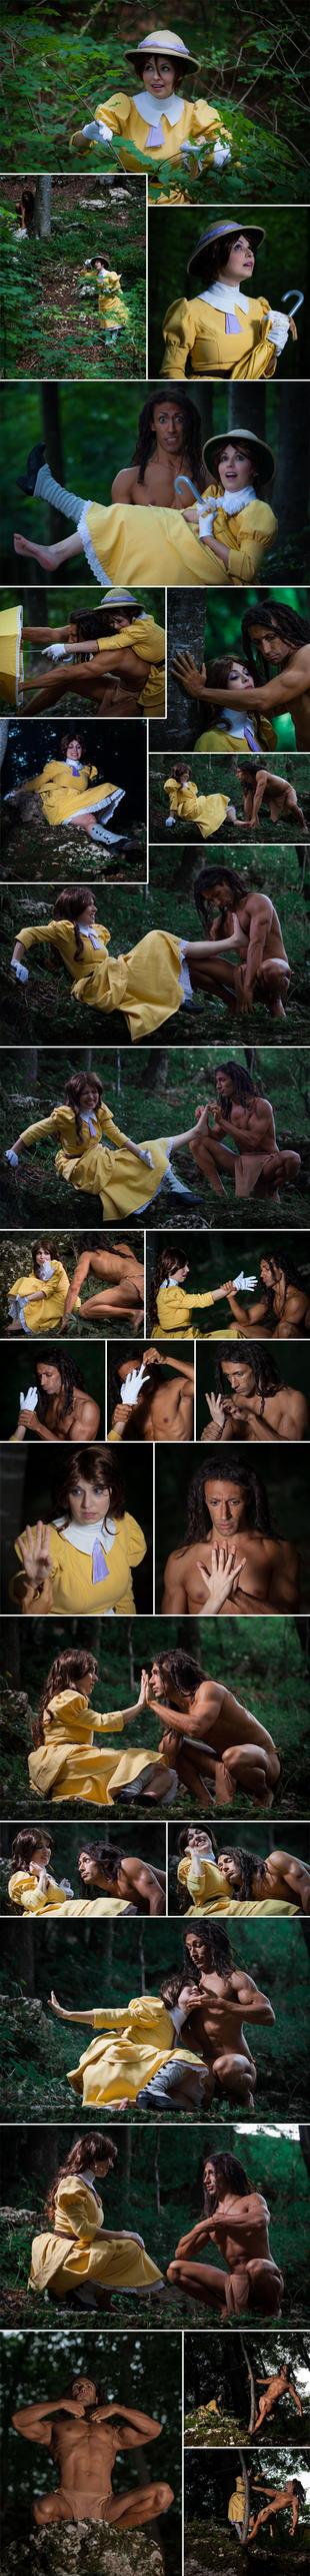 Tarzan meets Jane by daguerreoty-pe